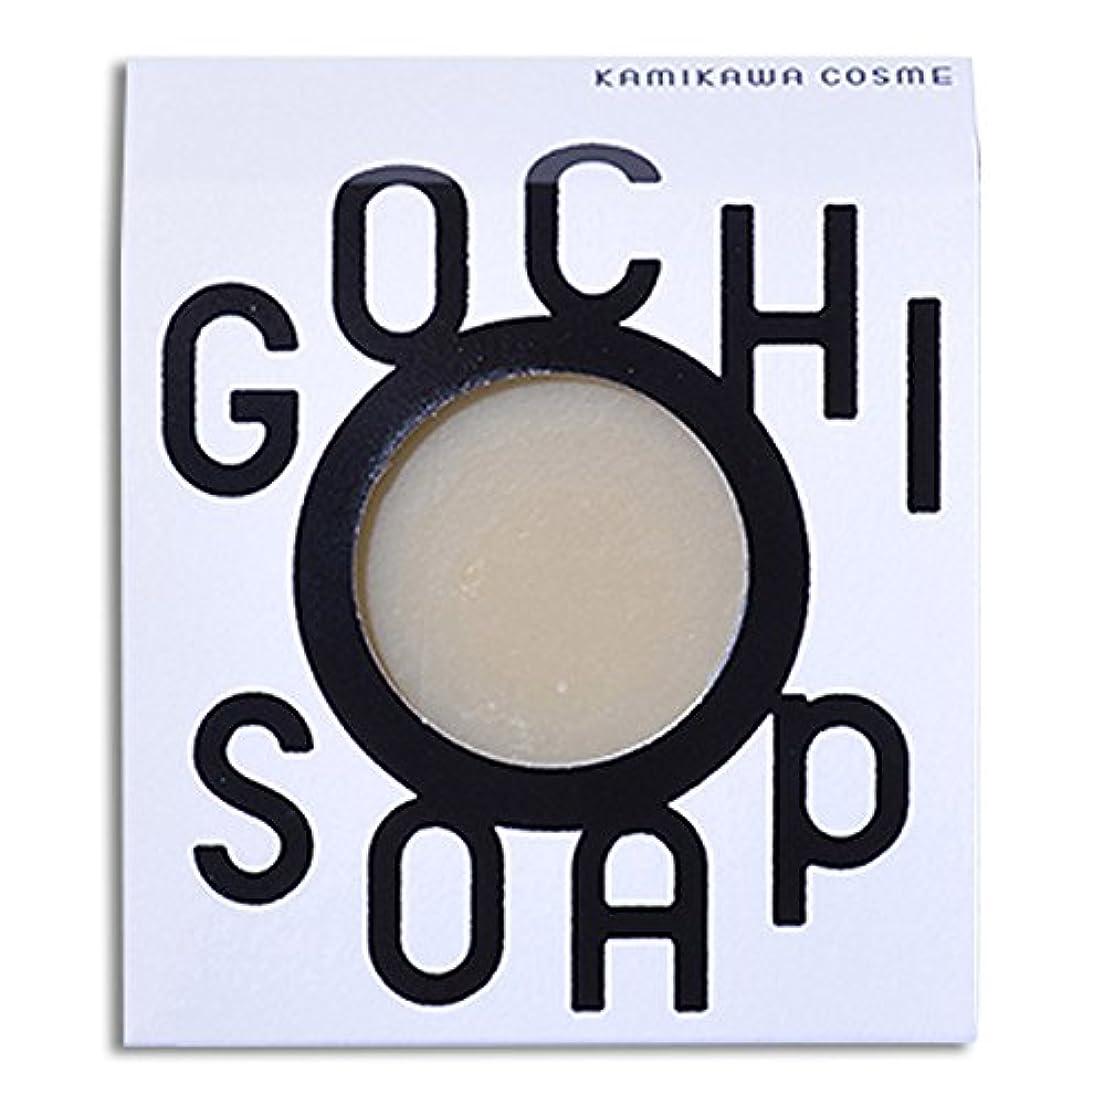 音声学キャンセル漏斗道北の素材を使用したコスメブランド GOCHI SOAP(伊勢ファームの牛乳ソープ?平田こうじ店の米糀ソープ)各1個セット